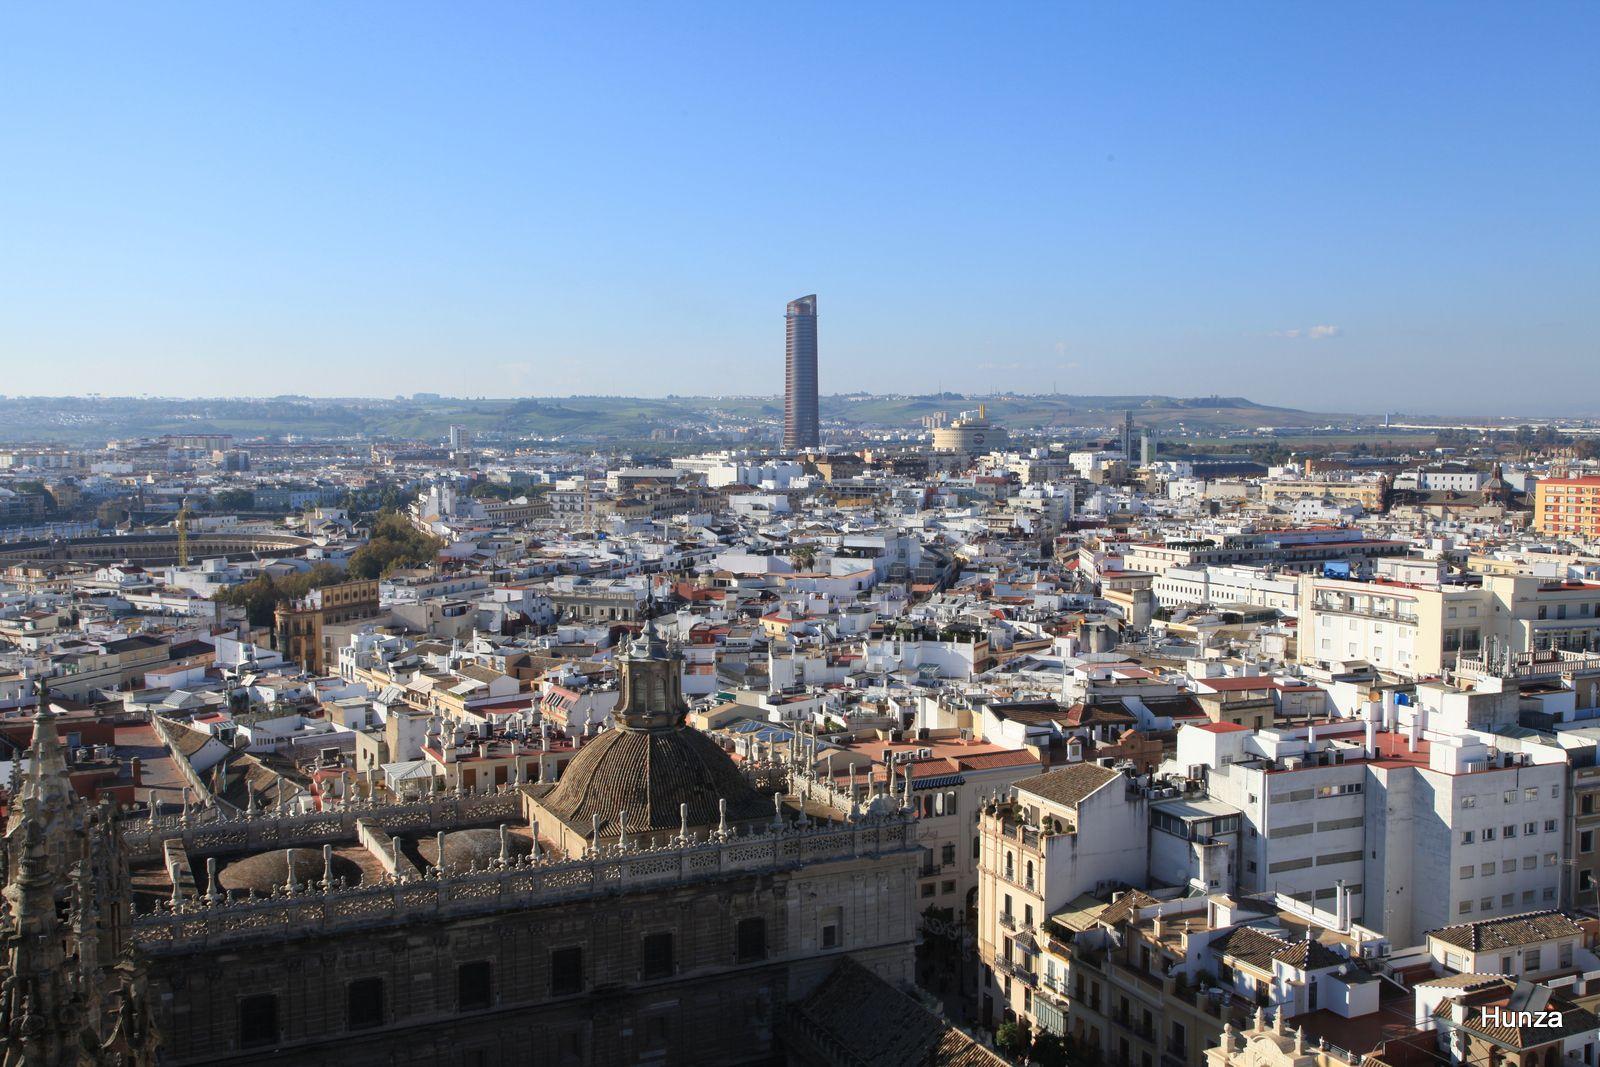 Au centre la tour de Séville (180 m) et, à gauche, les arènes